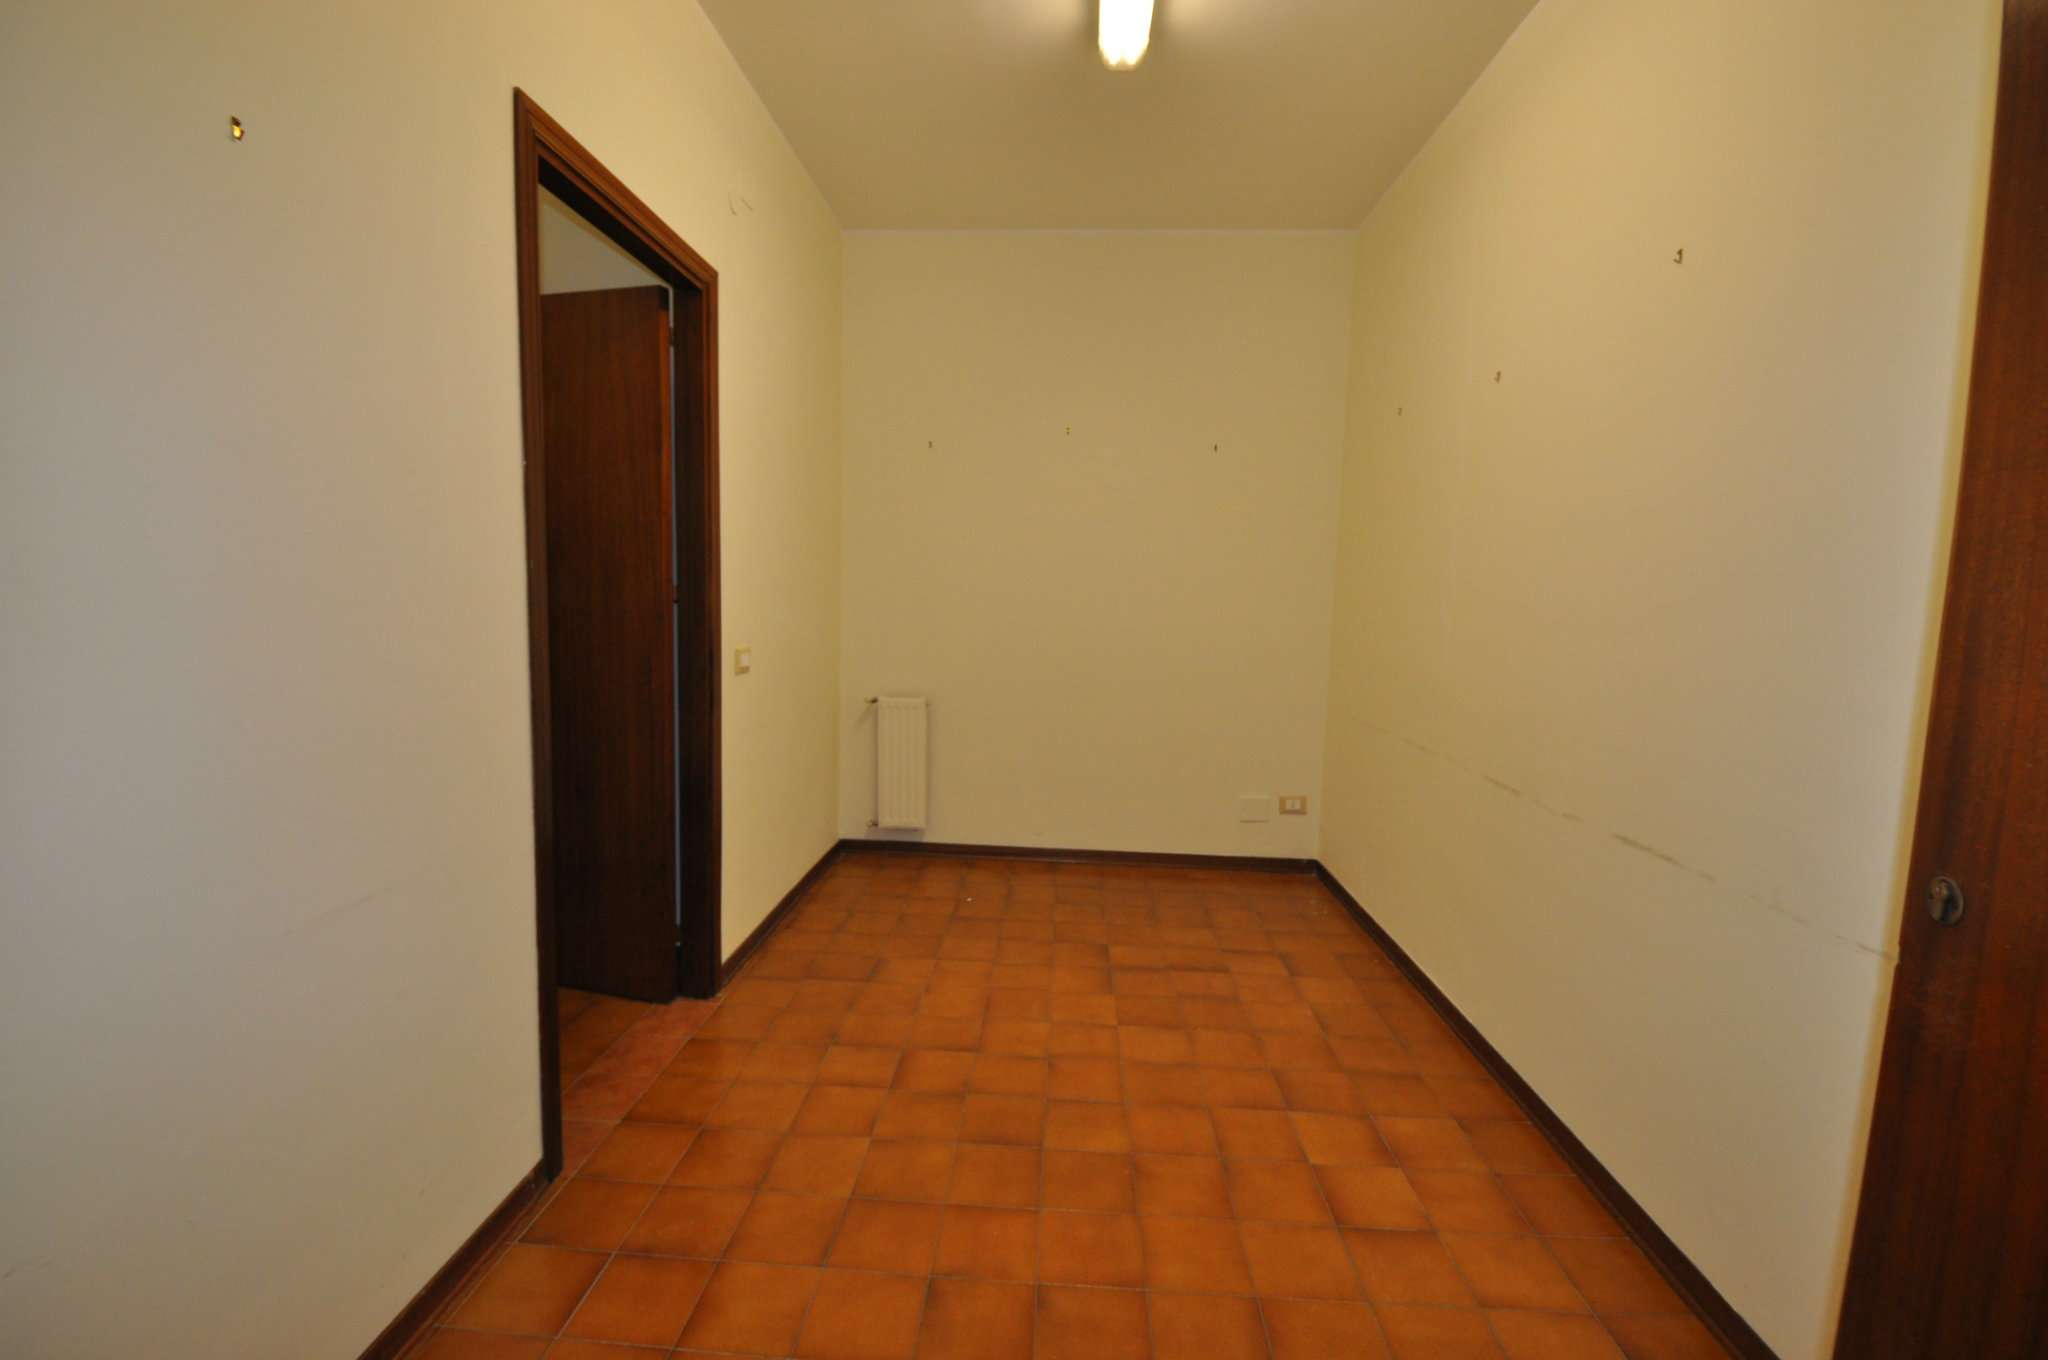 Ufficio-studio in Affitto a Palermo: 85 mq